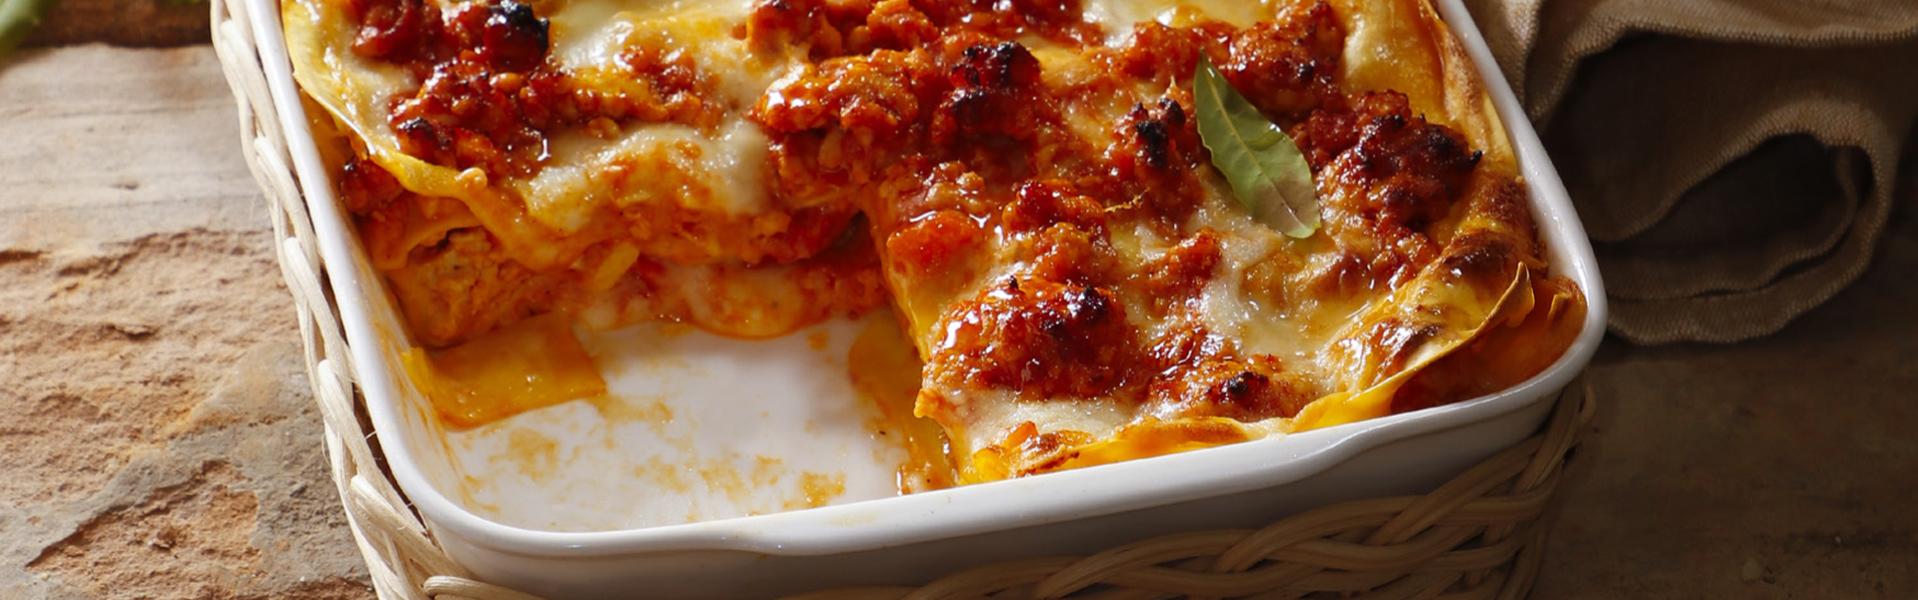 Lasagne rosse al ragù di pollo